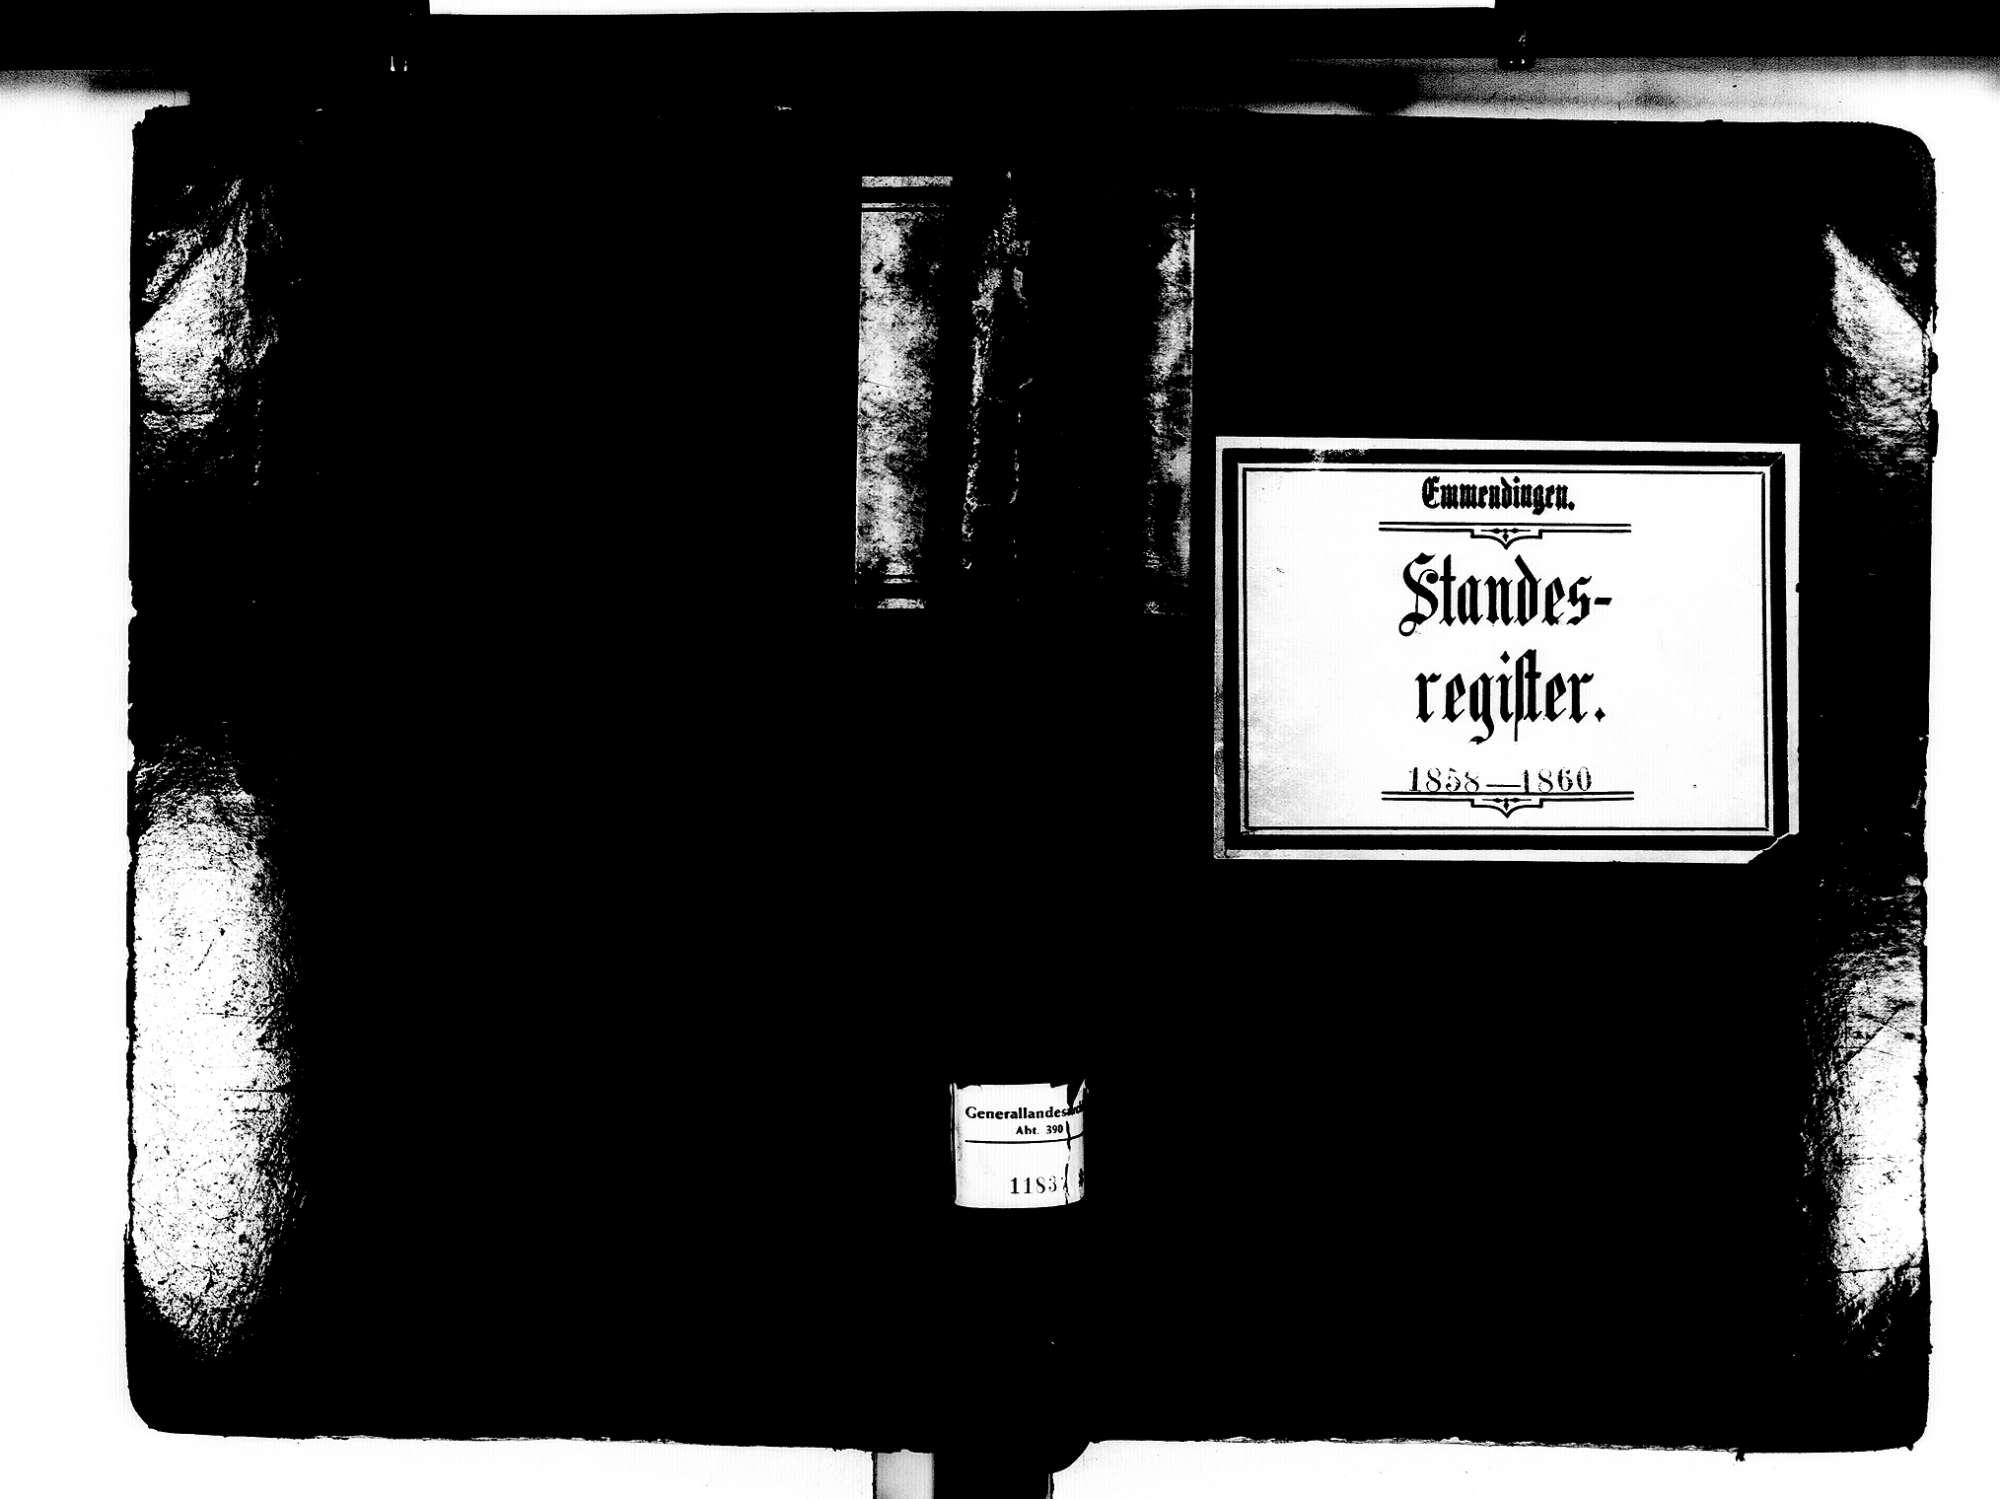 Emmendingen EM; Evangelische Gemeinde: Standesbuch 1858-1860 Emmendingen EM; Katholische Gemeinde: Standesbuch 1858-1860 Emmendingen EM; Israelitische Gemeinde: Standesbuch 1858-1860, Bild 1